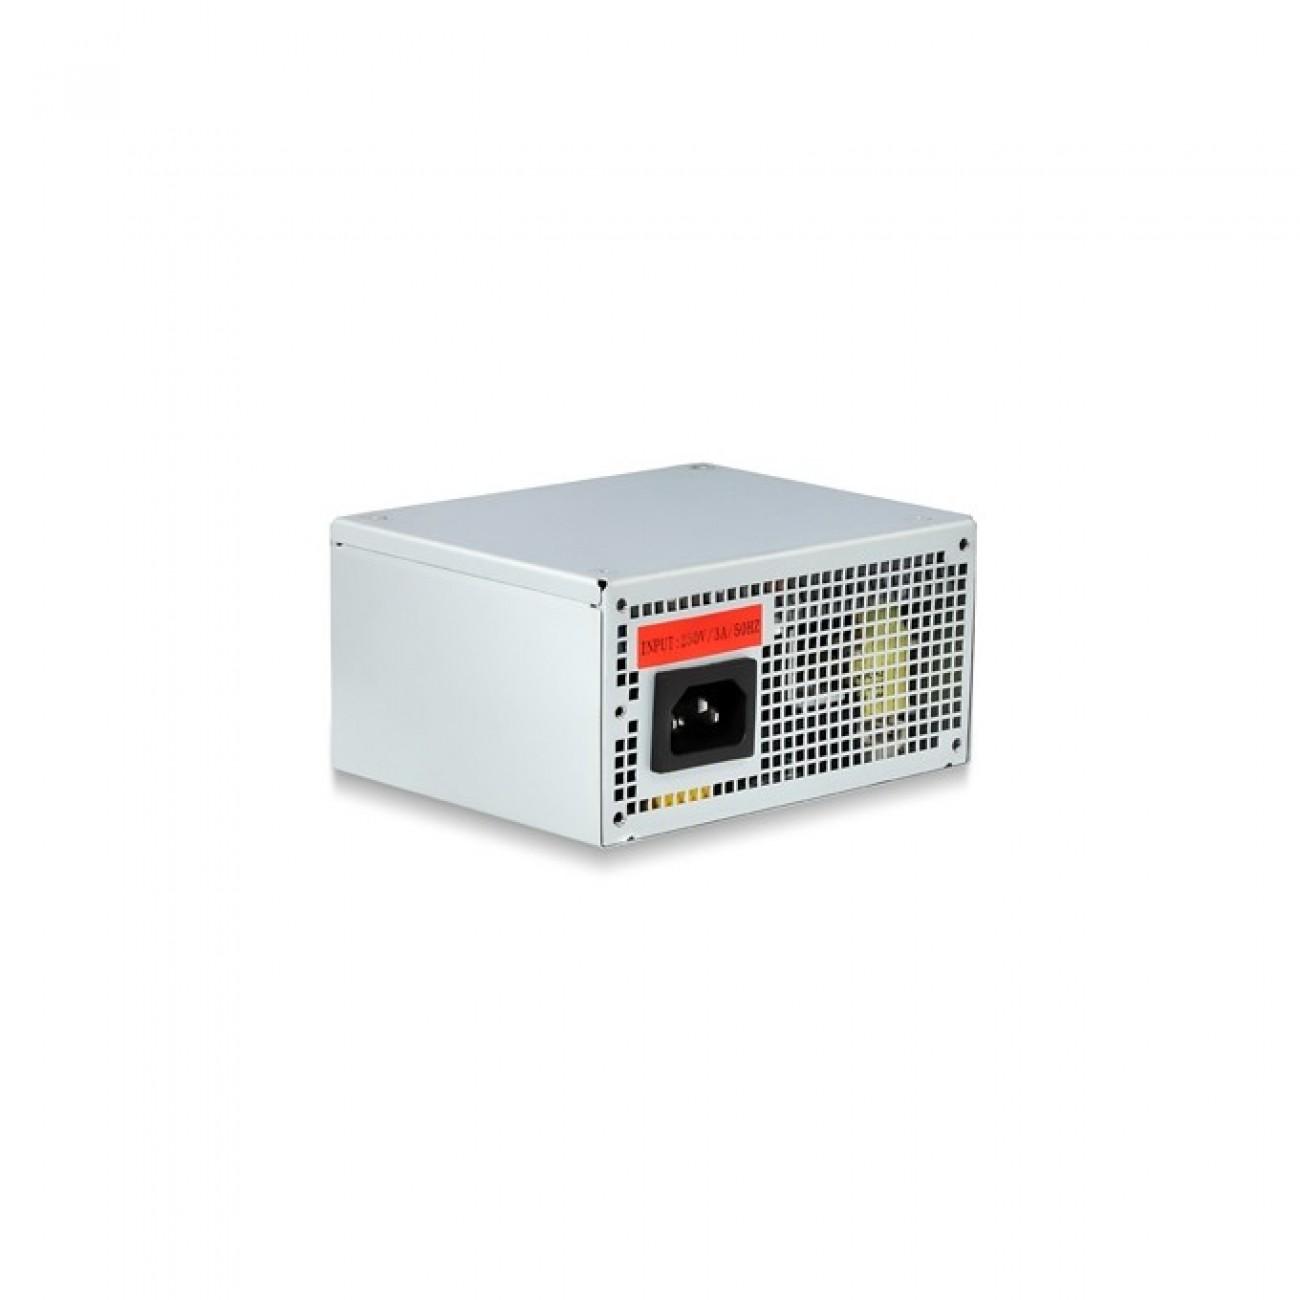 Захранване 300W, Spire Jewel SFX, mATX, PassivePFC в Захранвания Настолни компютри -  | Alleop